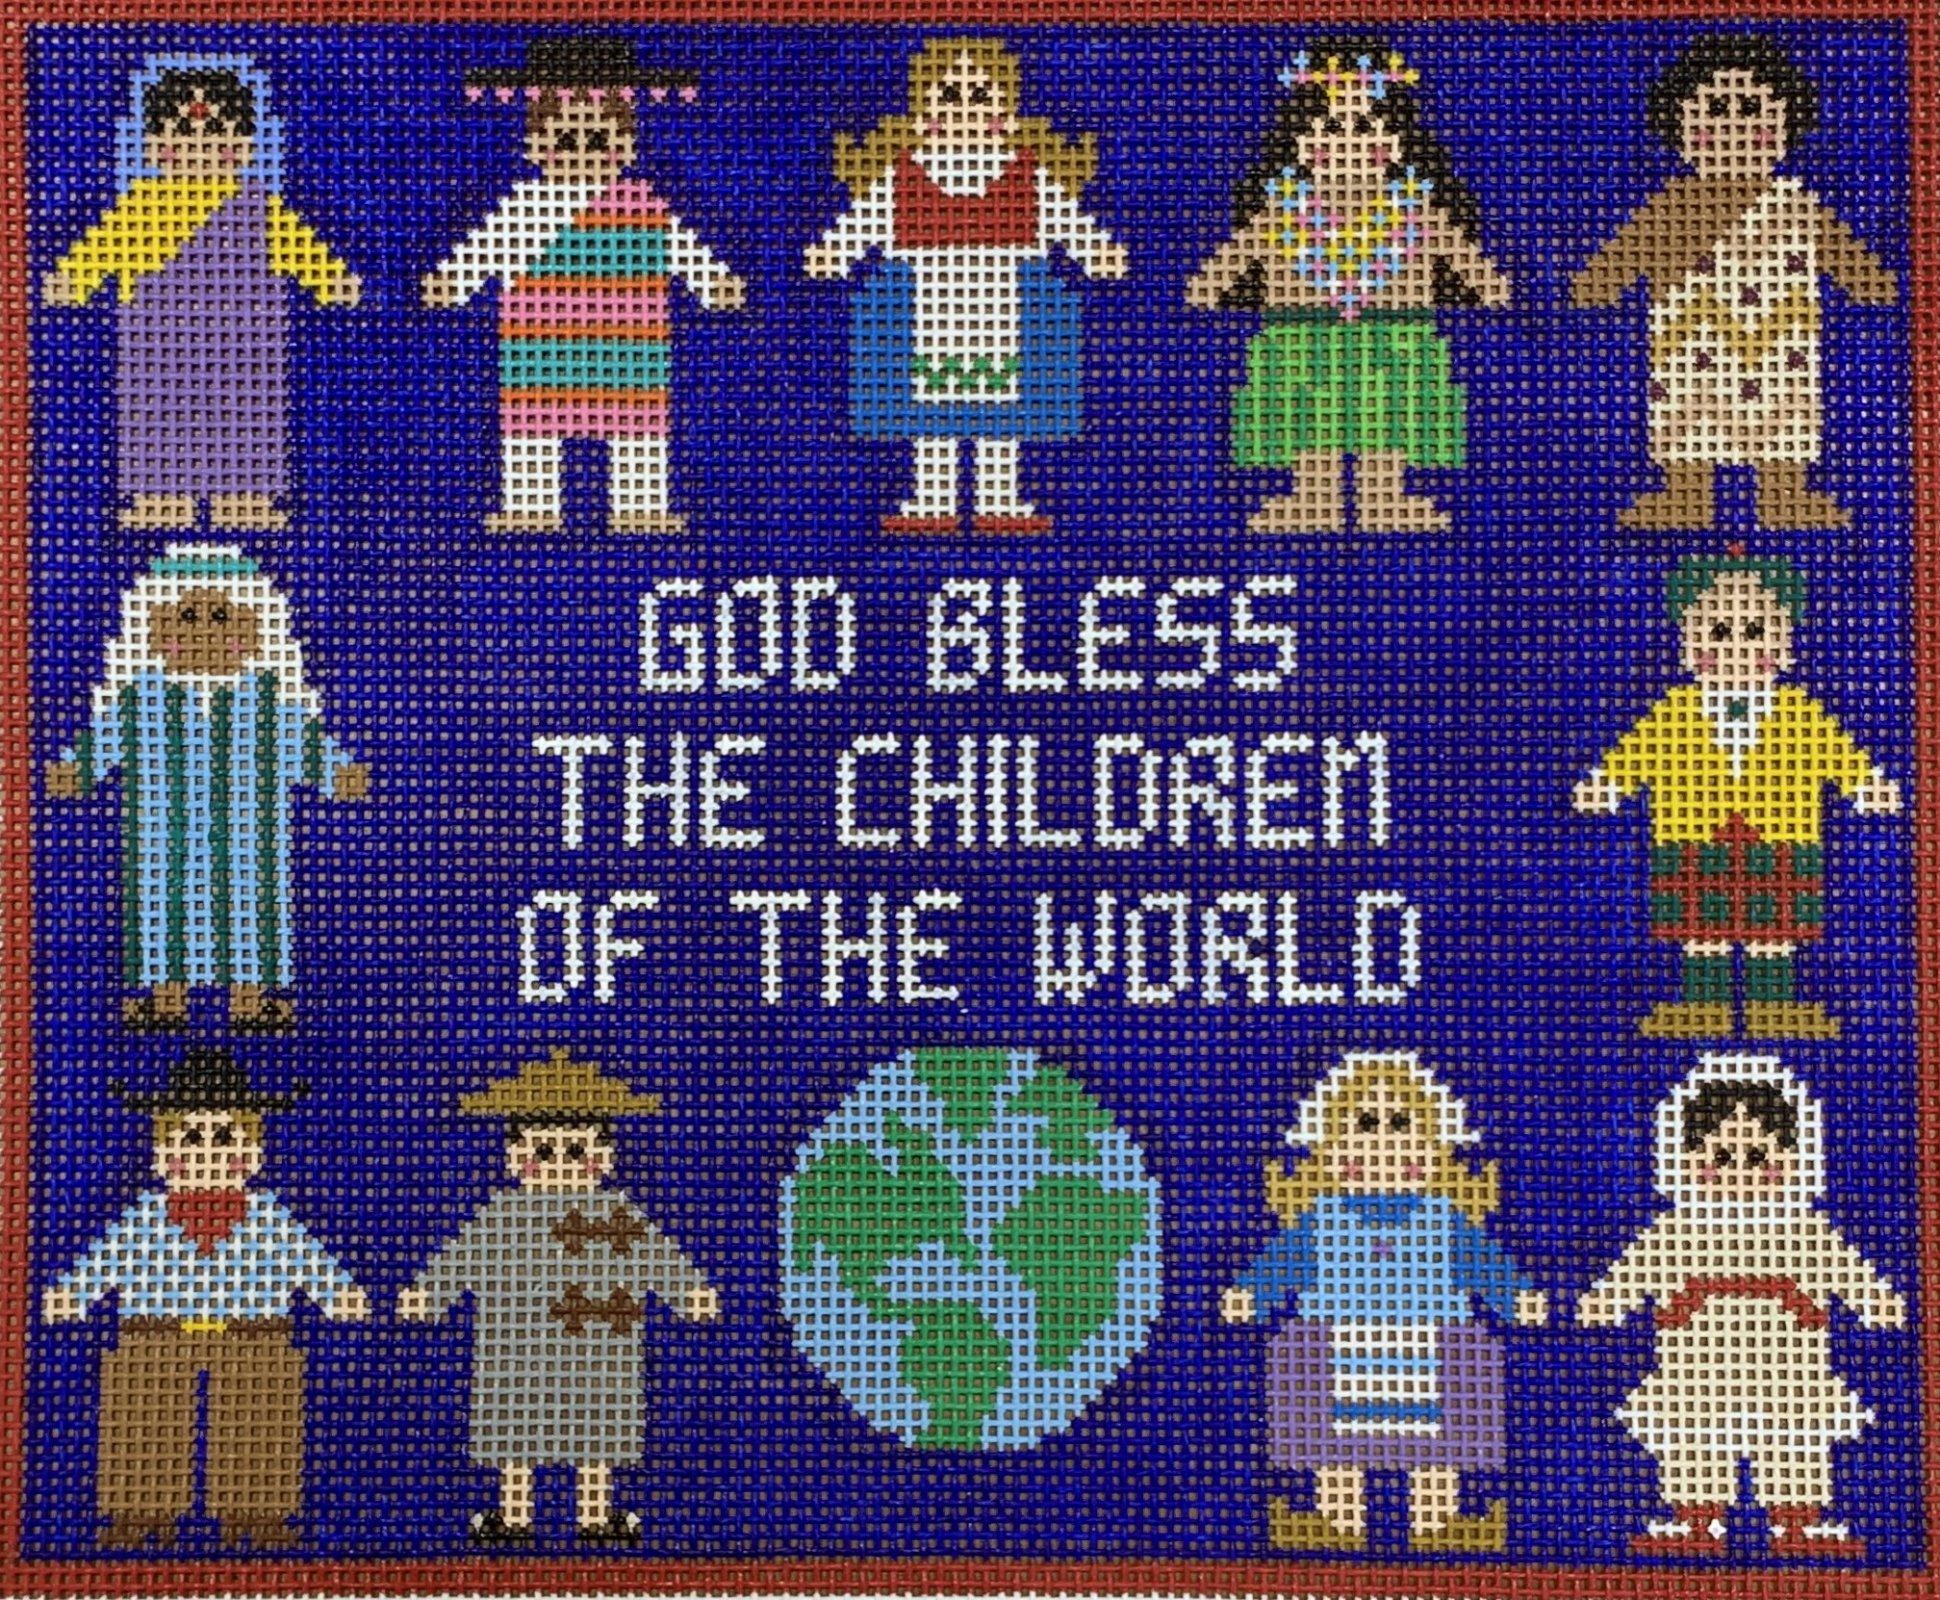 God Bless the Children of the World